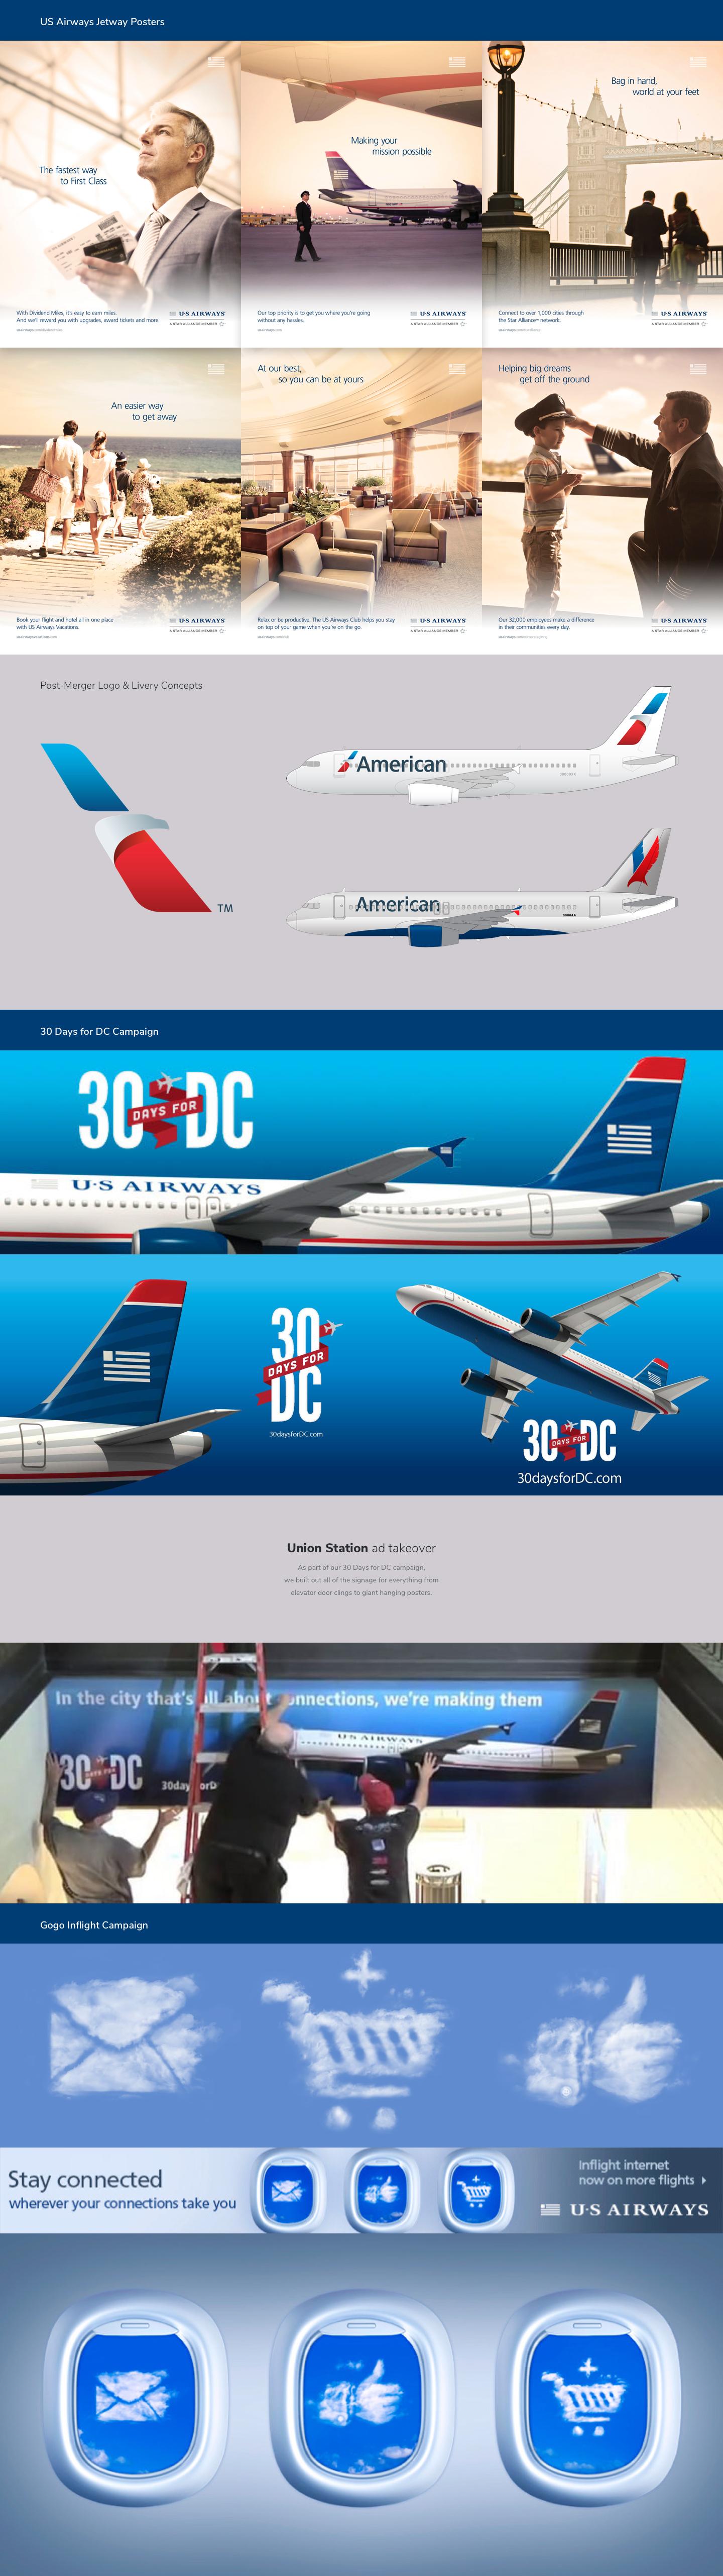 American Airlines_US Airways.jpg